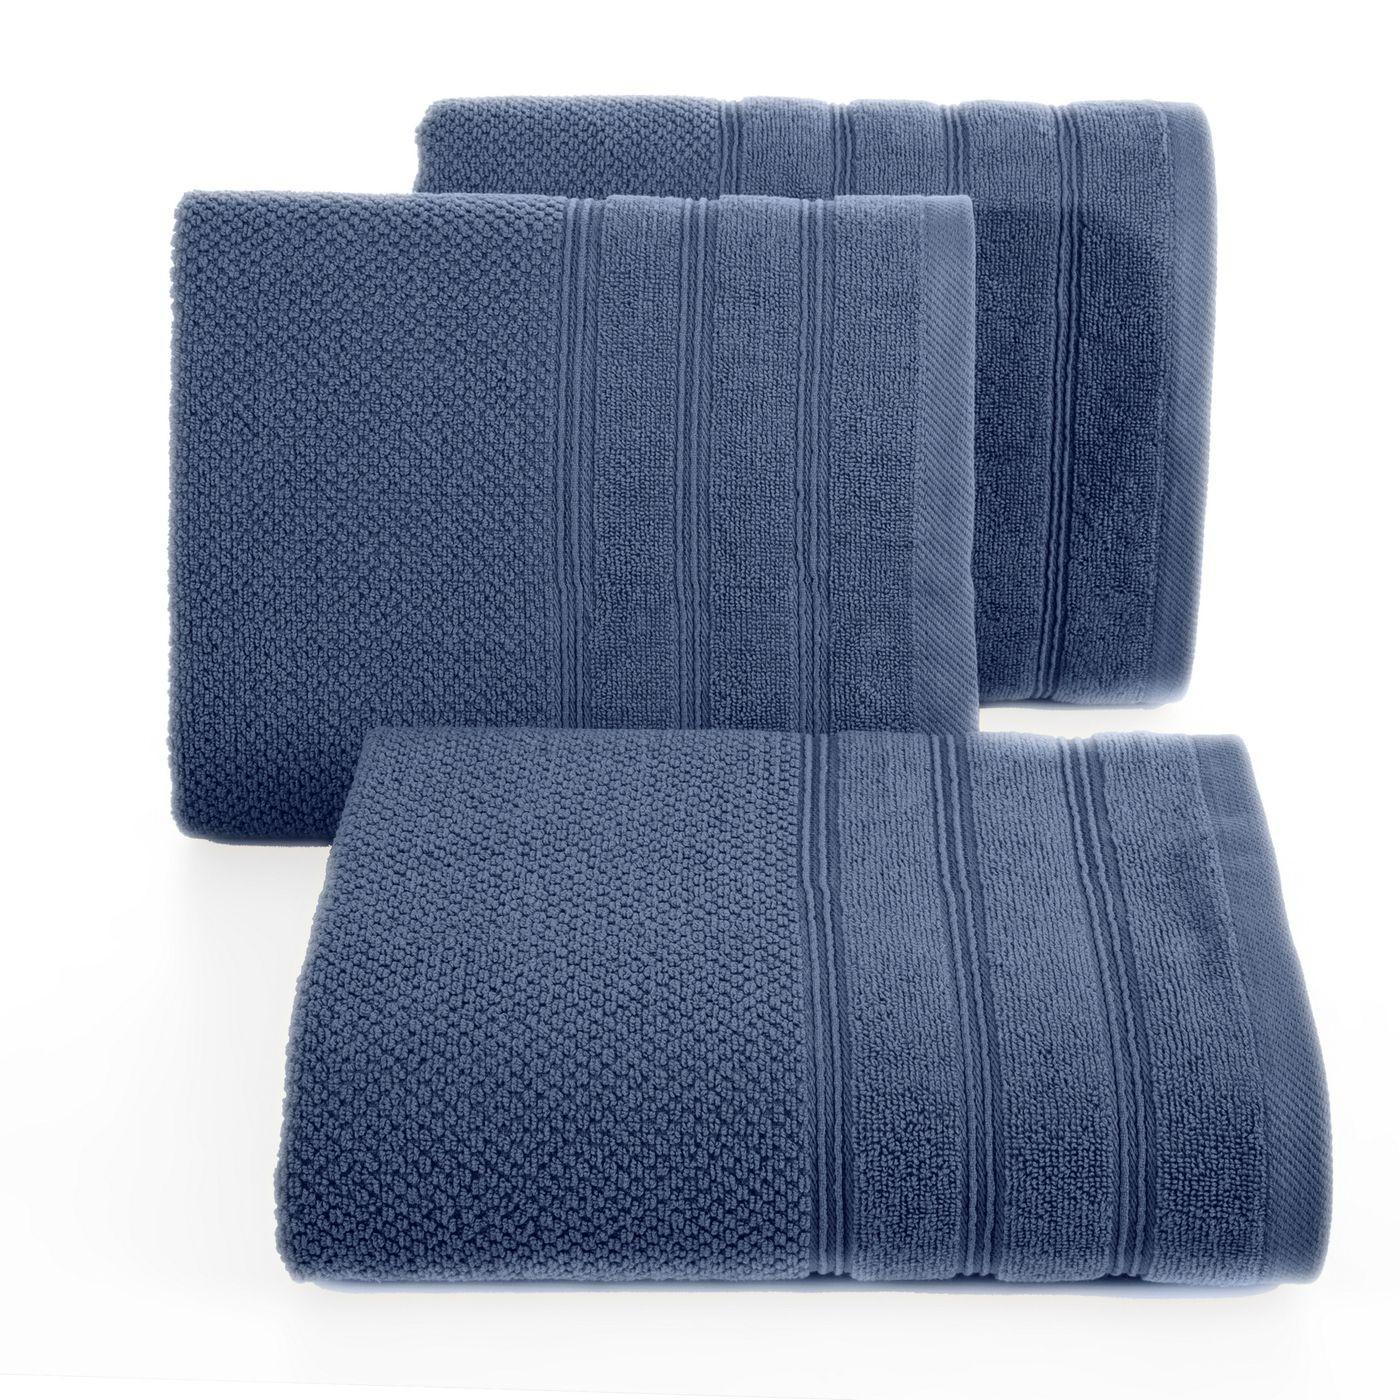 Bawełniany ręcznik kąpielowy frote niebieski 70x140